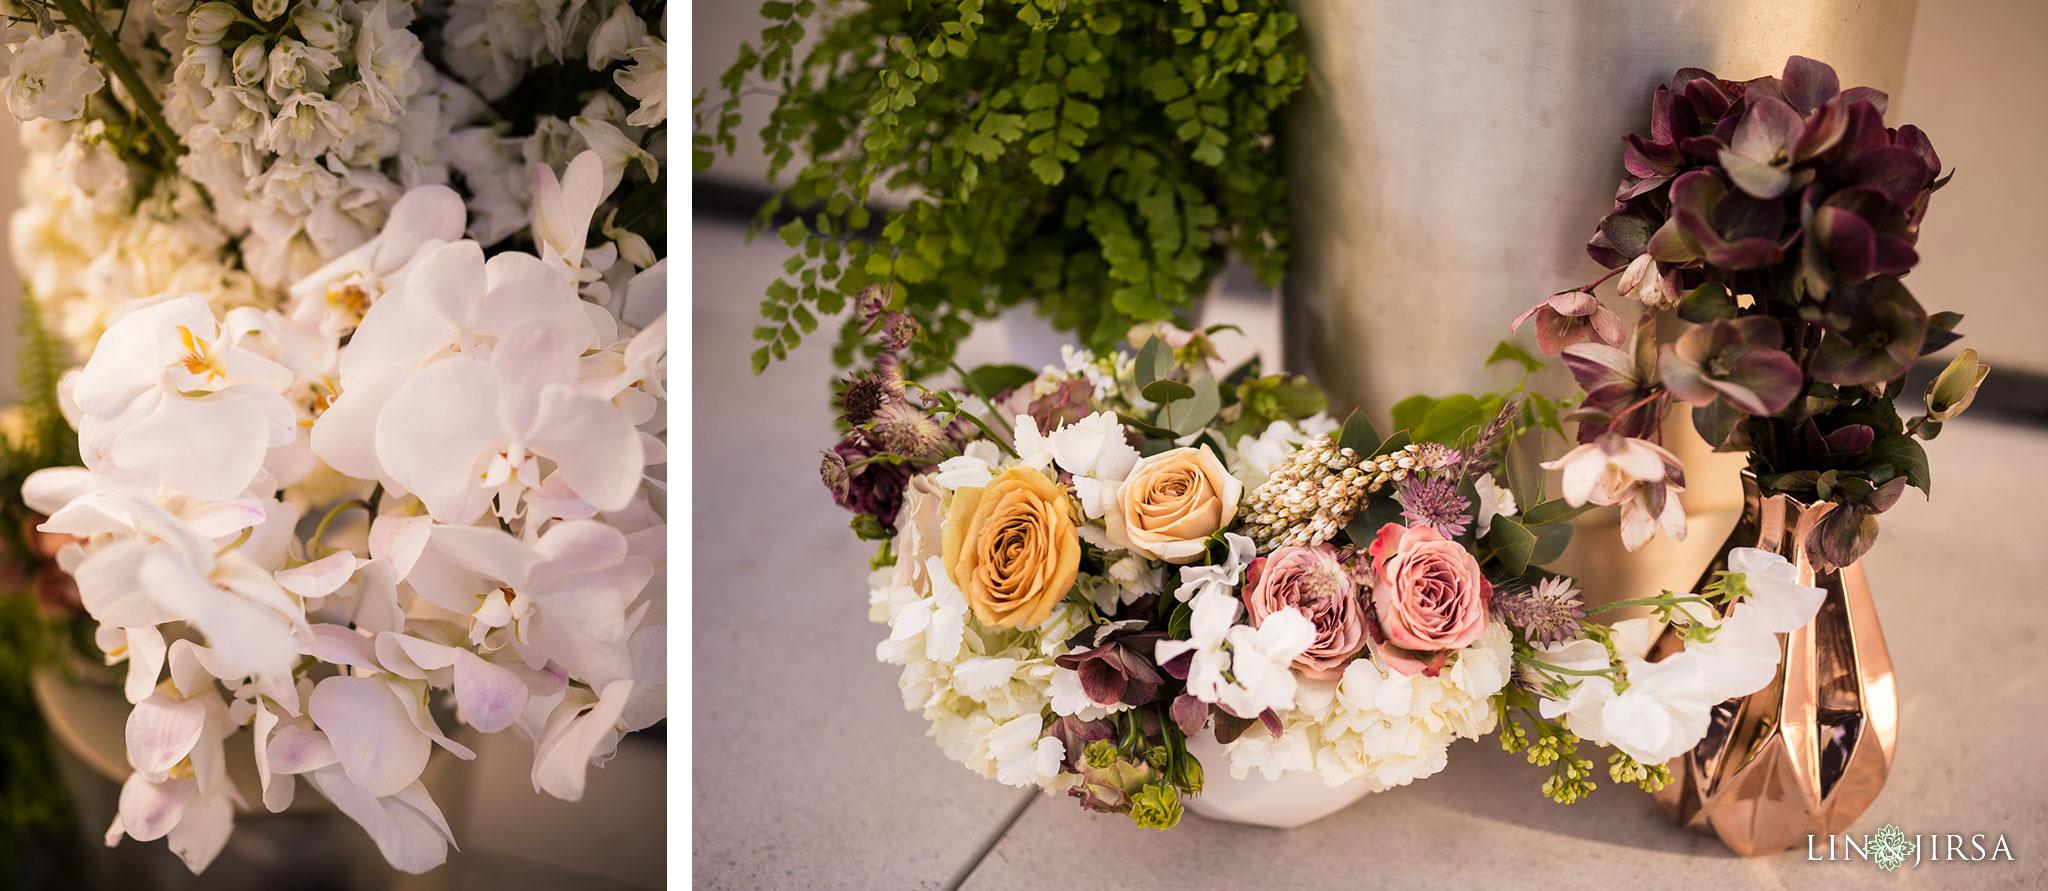 14 Kimpton La Peer Hotel West Hollywood Stylized Wedding Photography 1